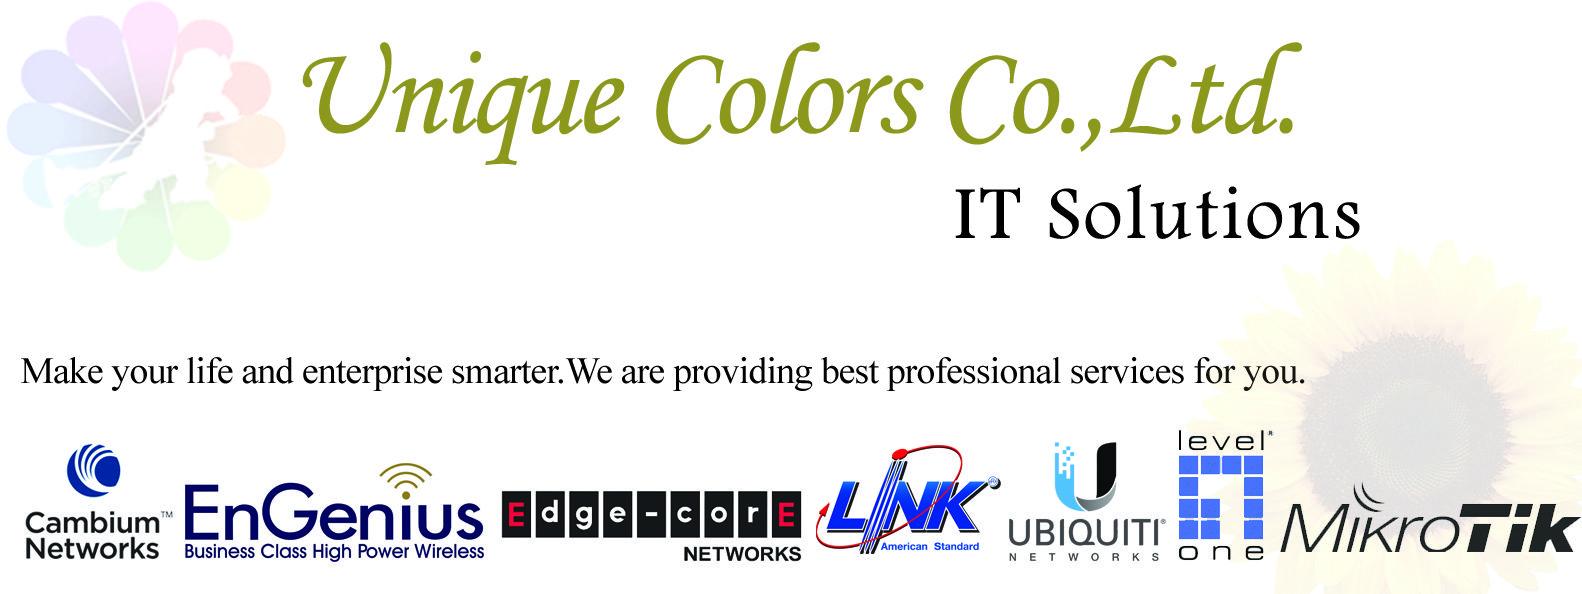 Unique Colors Co., Ltd.